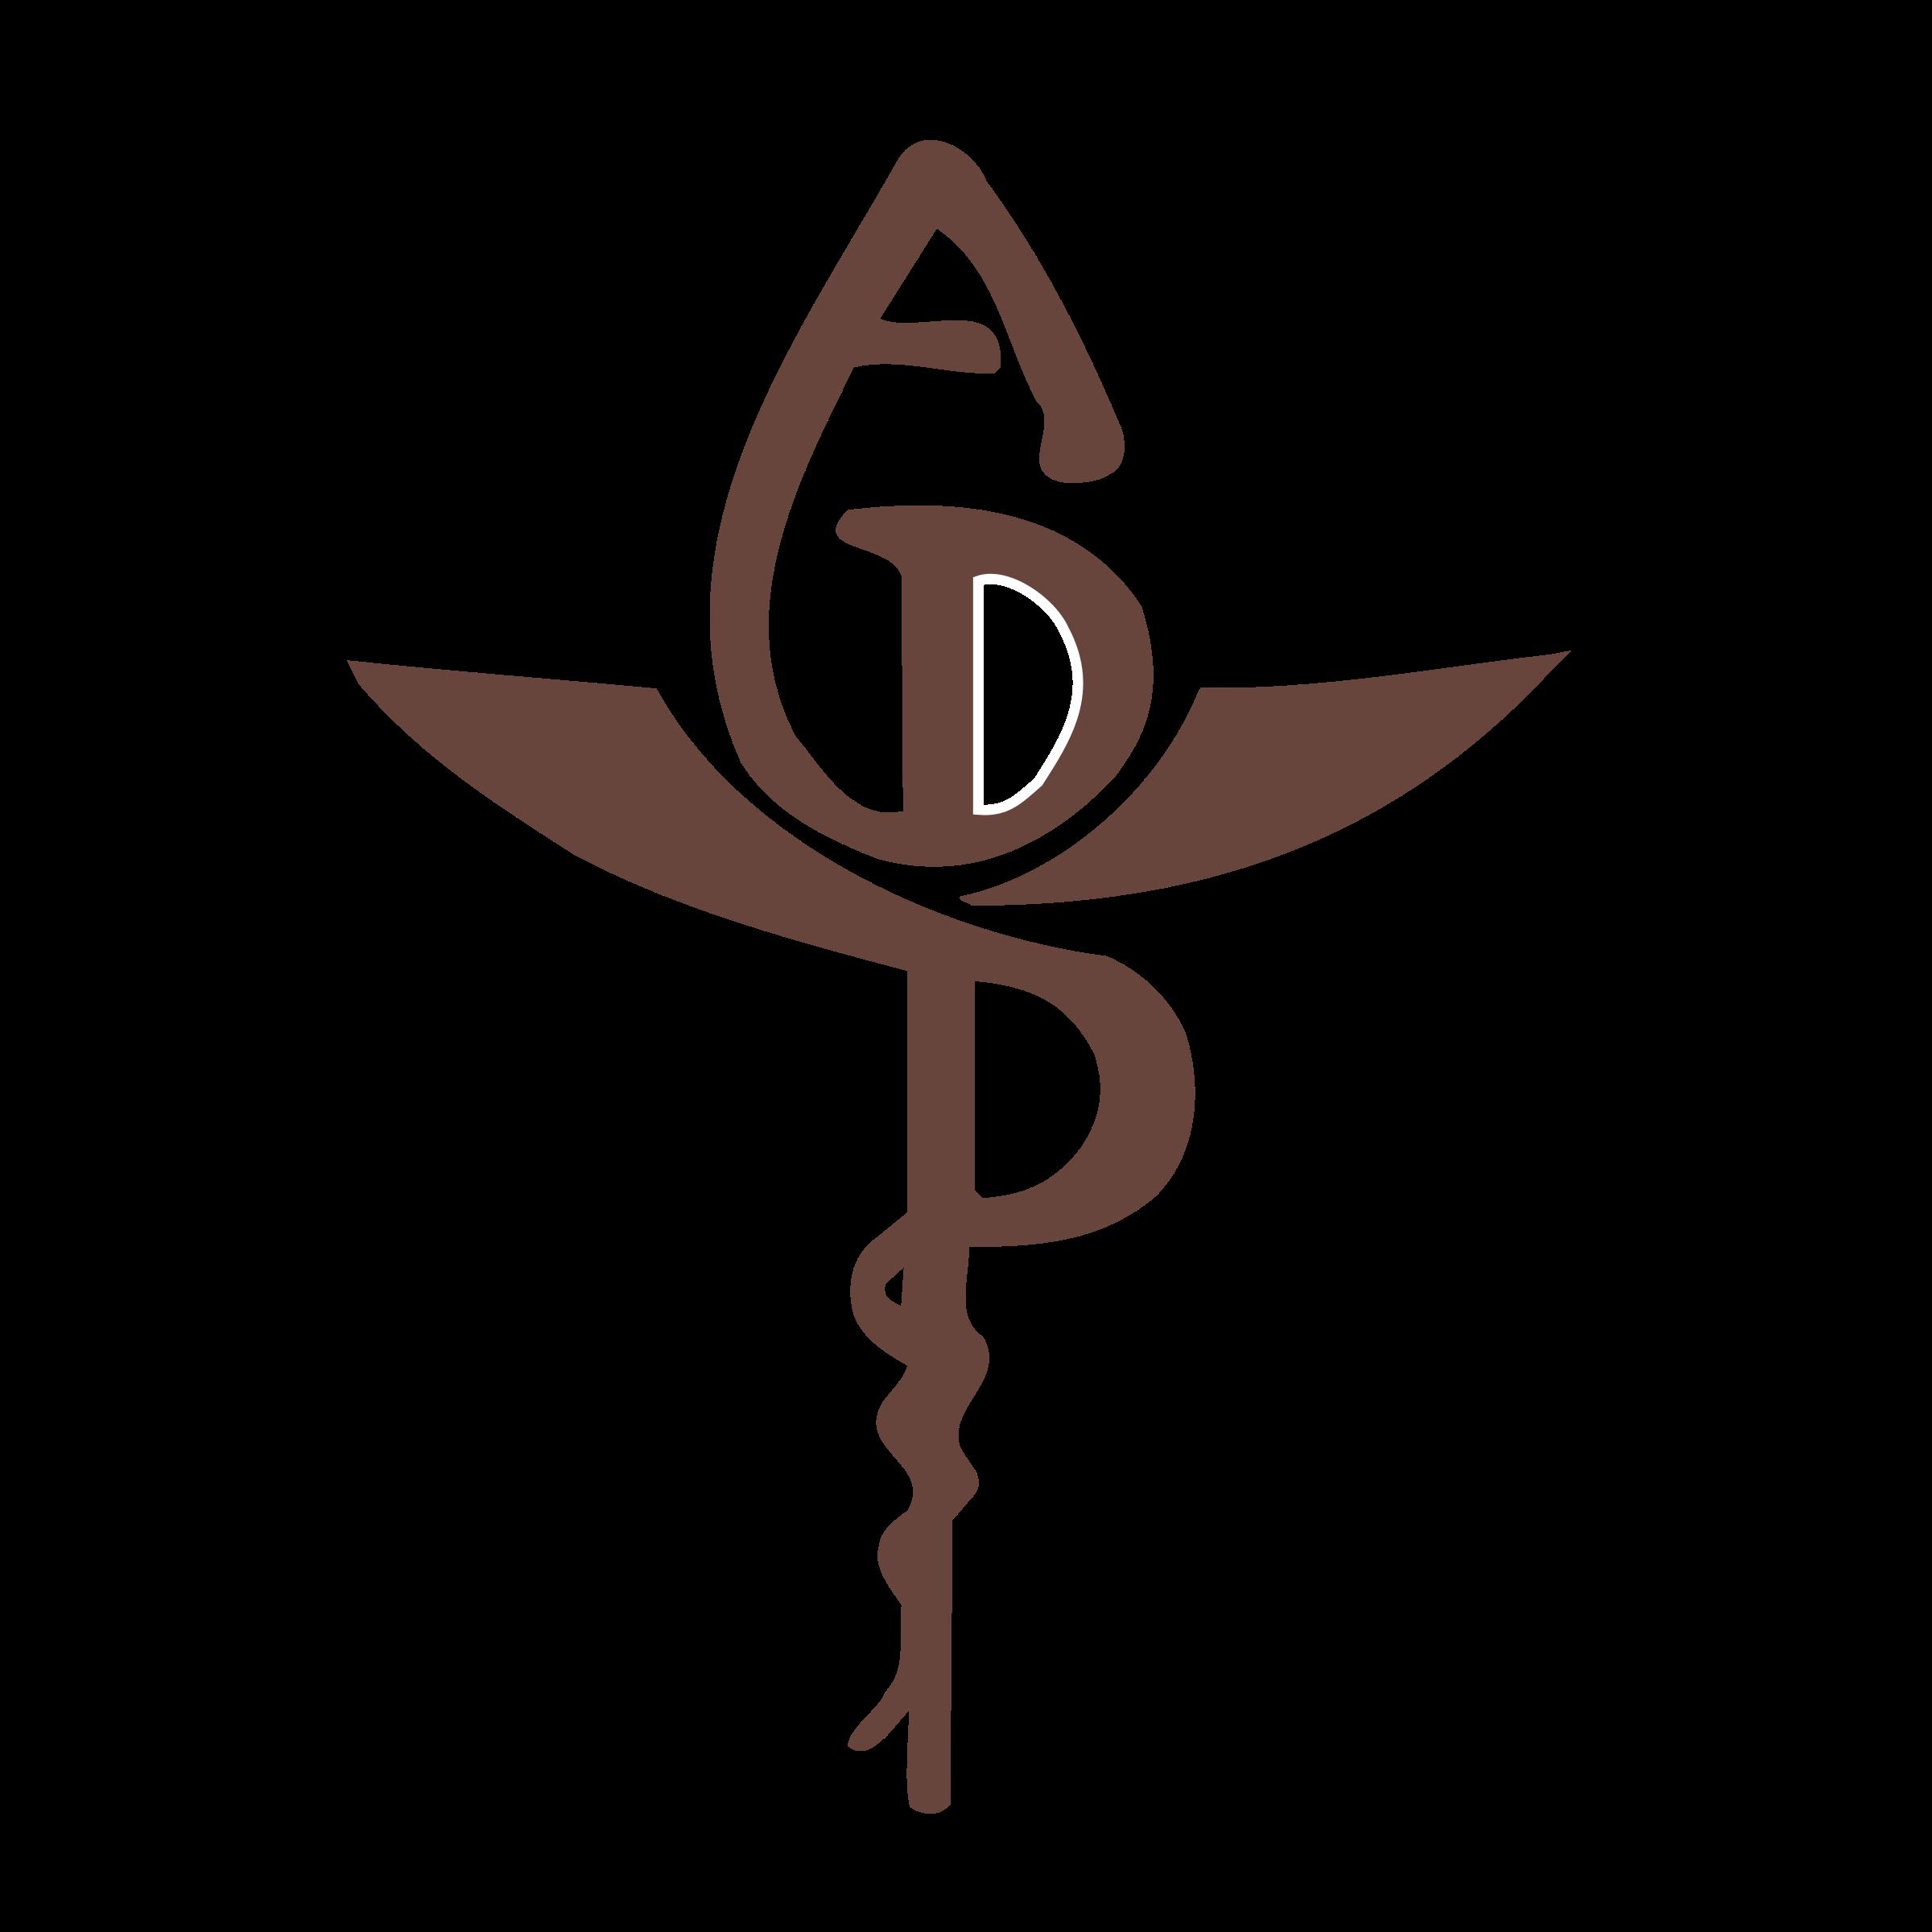 ADP 02 Logo PNG Transparent & SVG Vector.